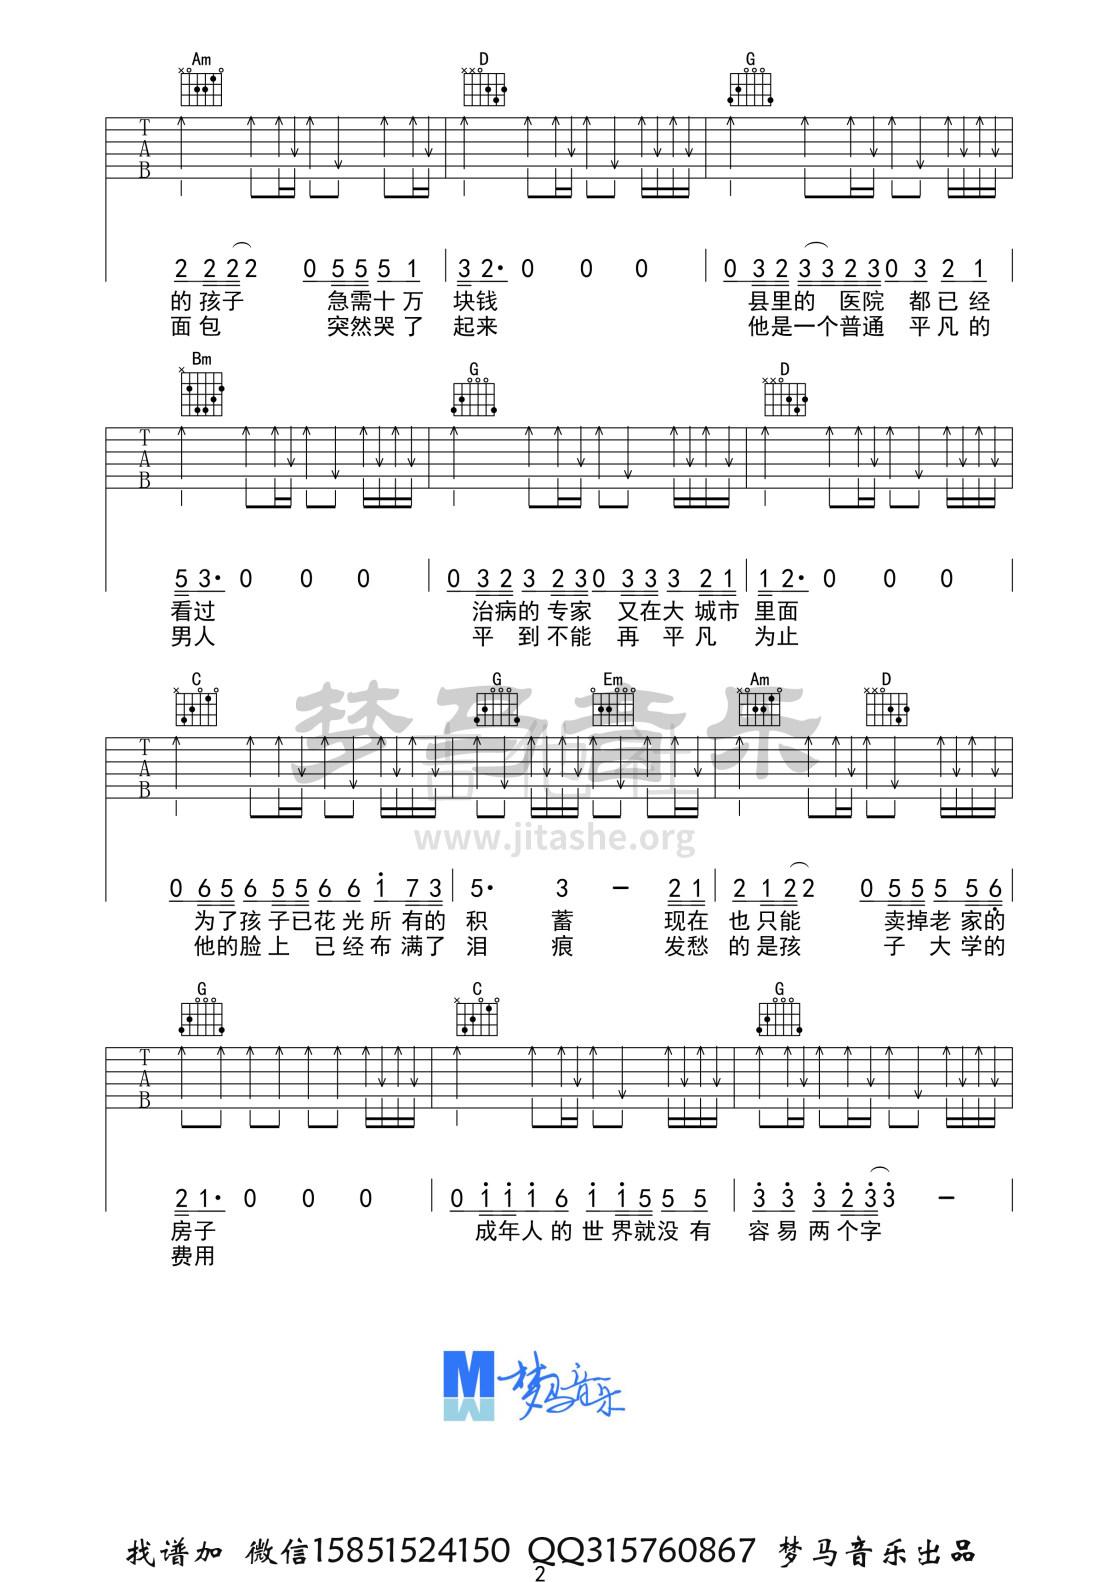 成年人的世界吉他谱(图片谱,弹唱)_张闯_成年人的世界-2.jpg